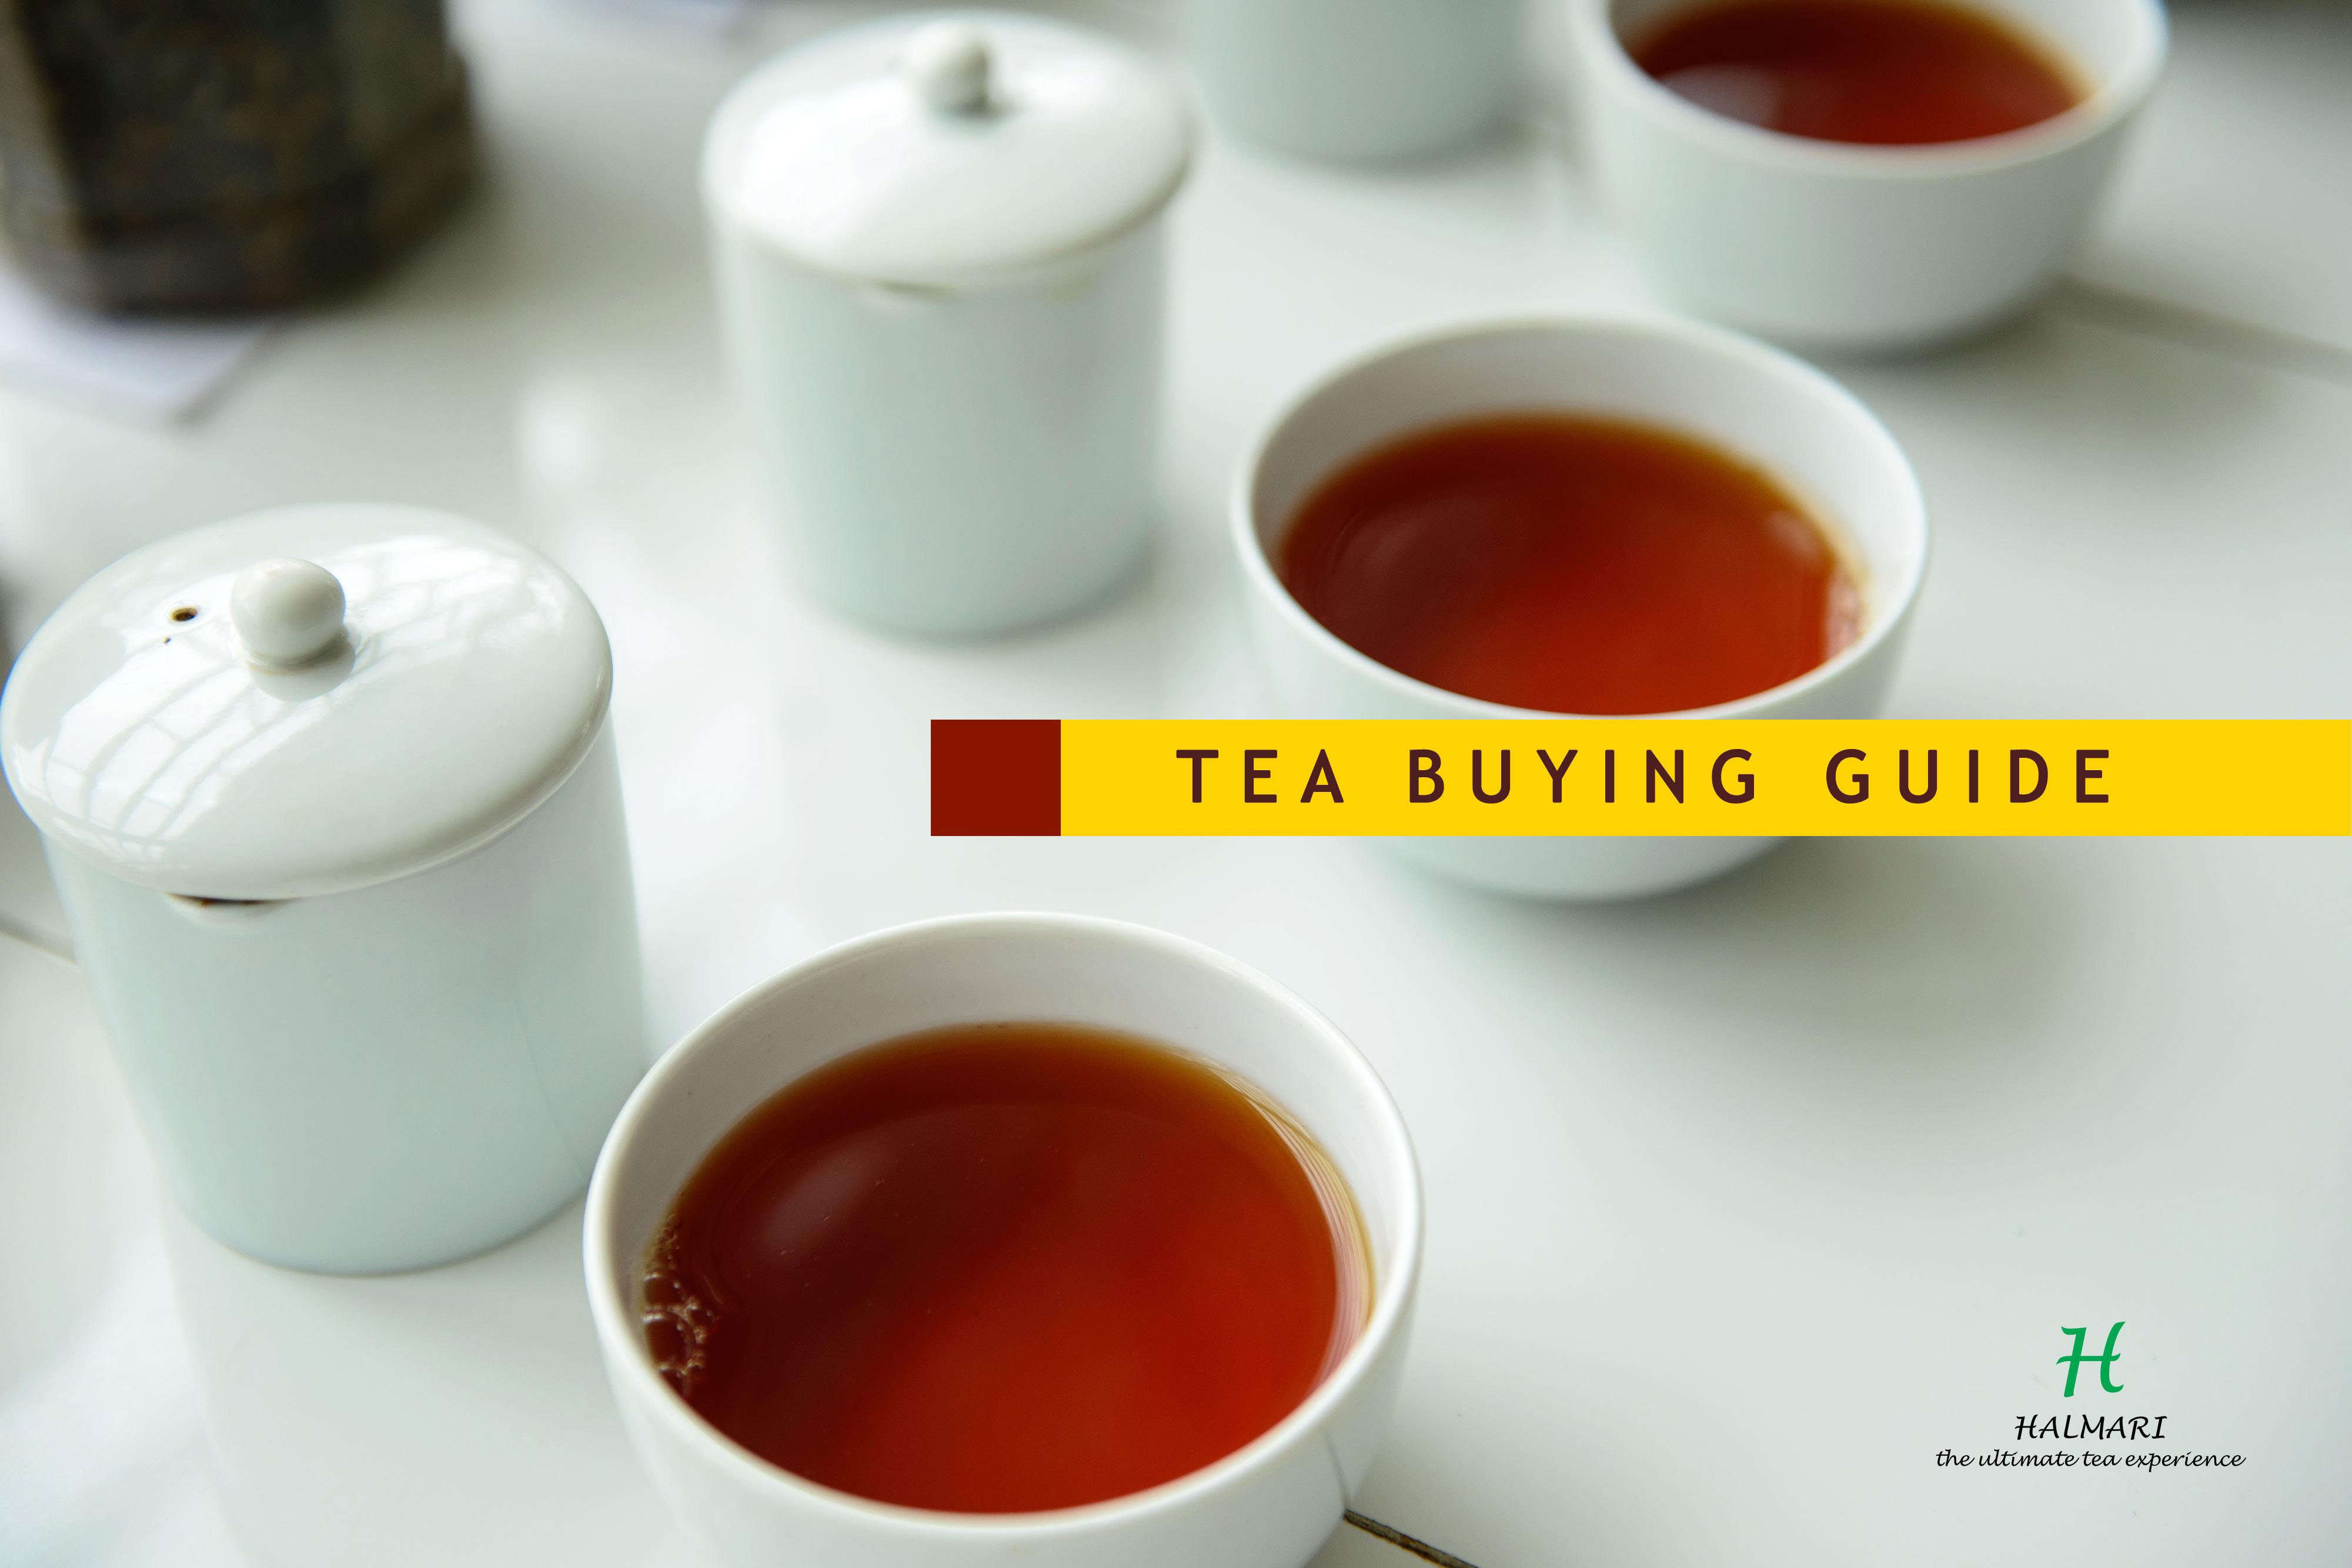 BLOG-TEA BUYING GUIDE